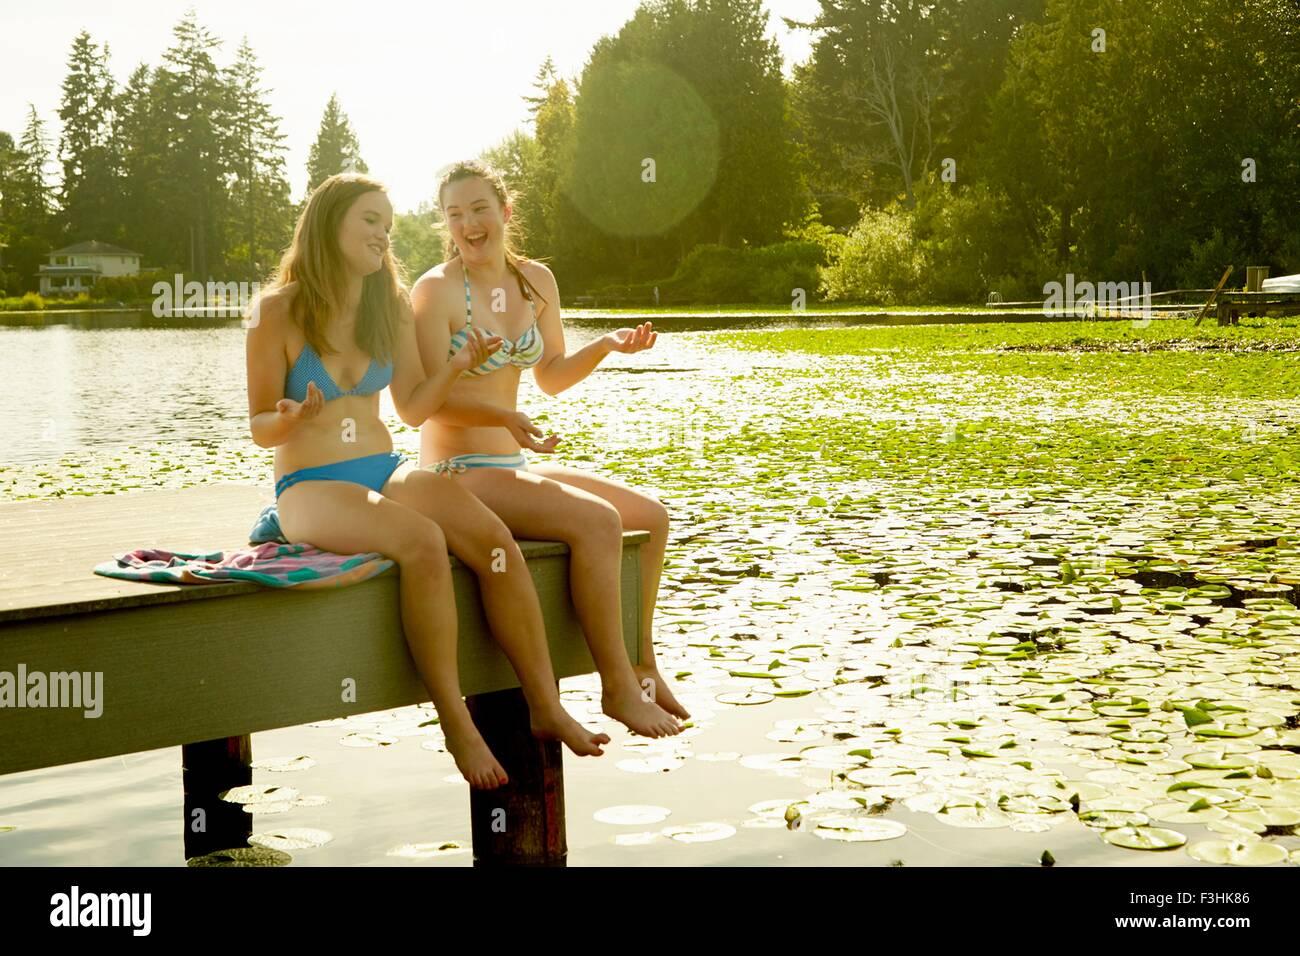 Girls in bikini enjoying lake, Seattle, Washington, USA - Stock Image